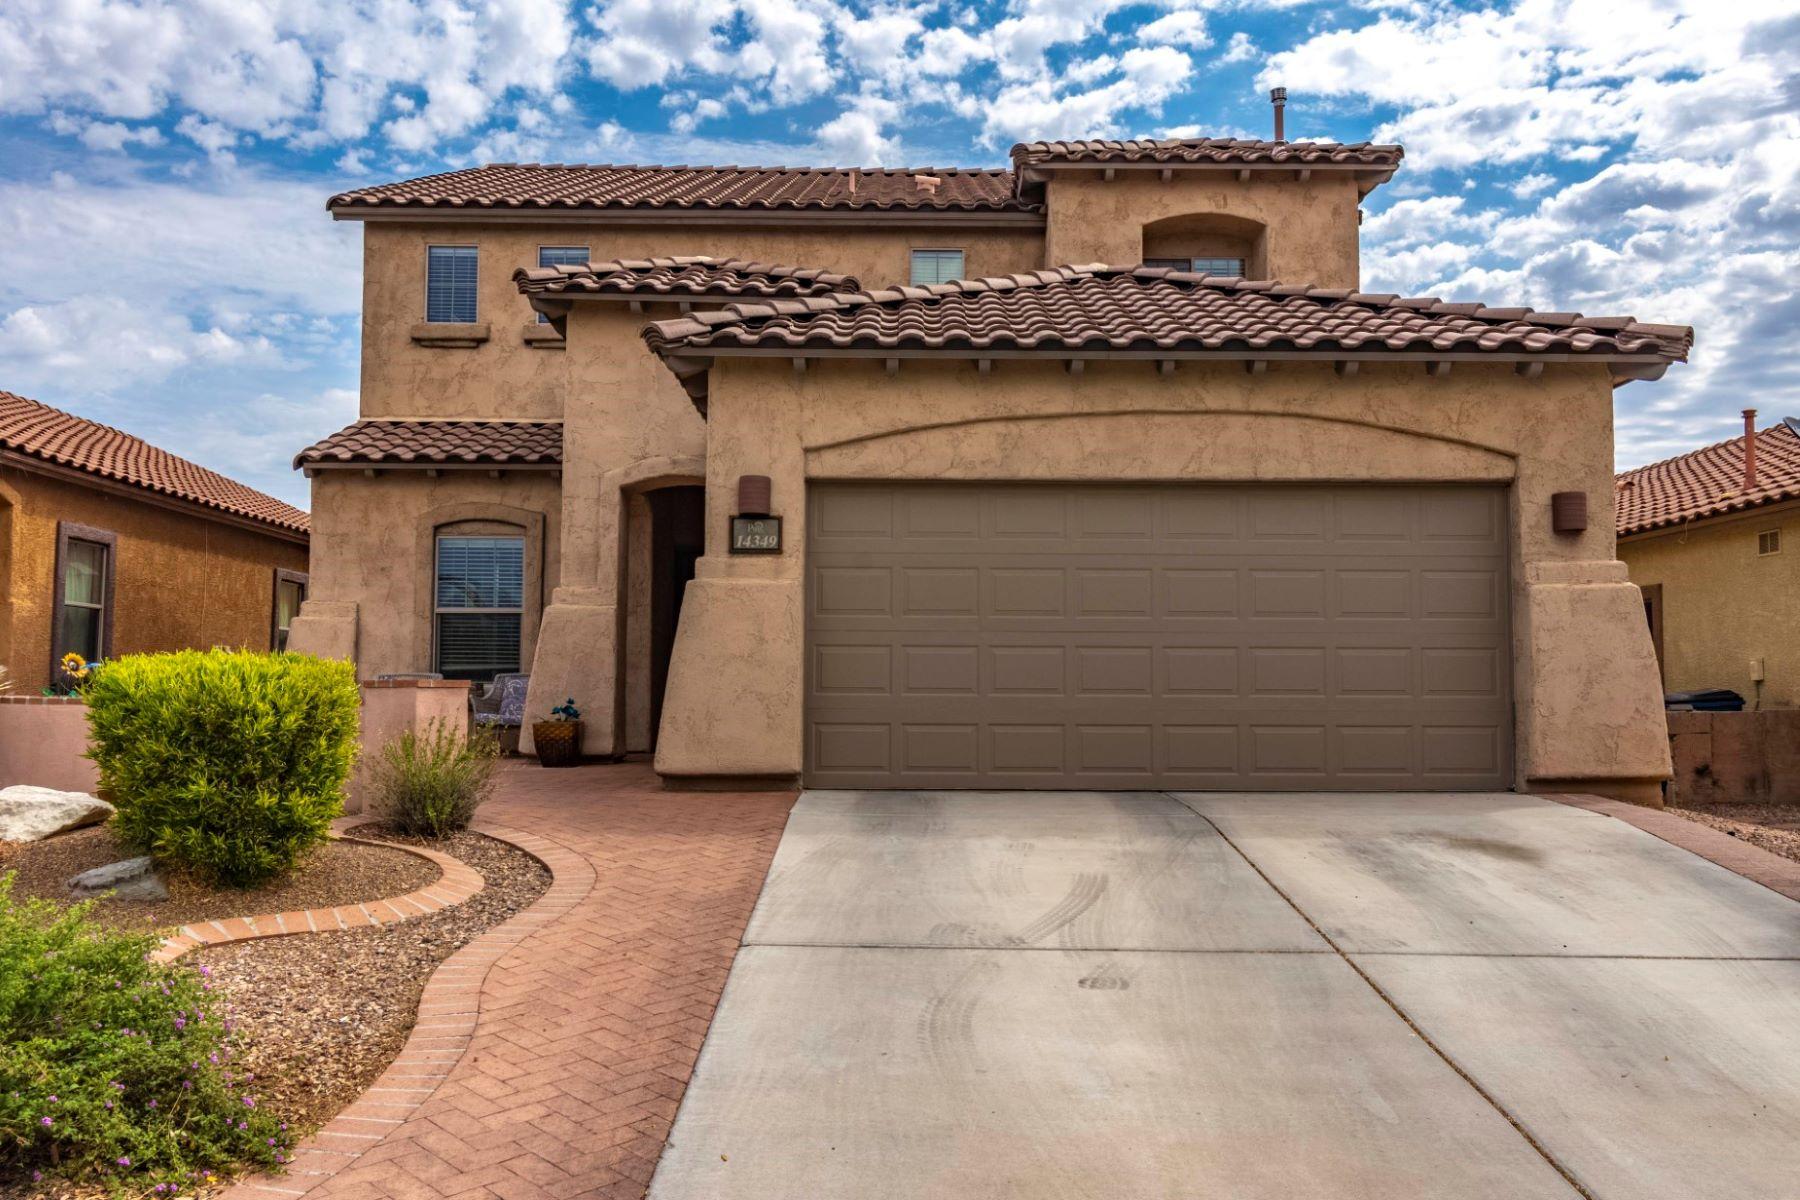 Single Family Homes for Active at Gorgeous Home in the Heart of Rancho Sahuarita 14349 W Camino El Foso Sahuarita, Arizona 85629 United States